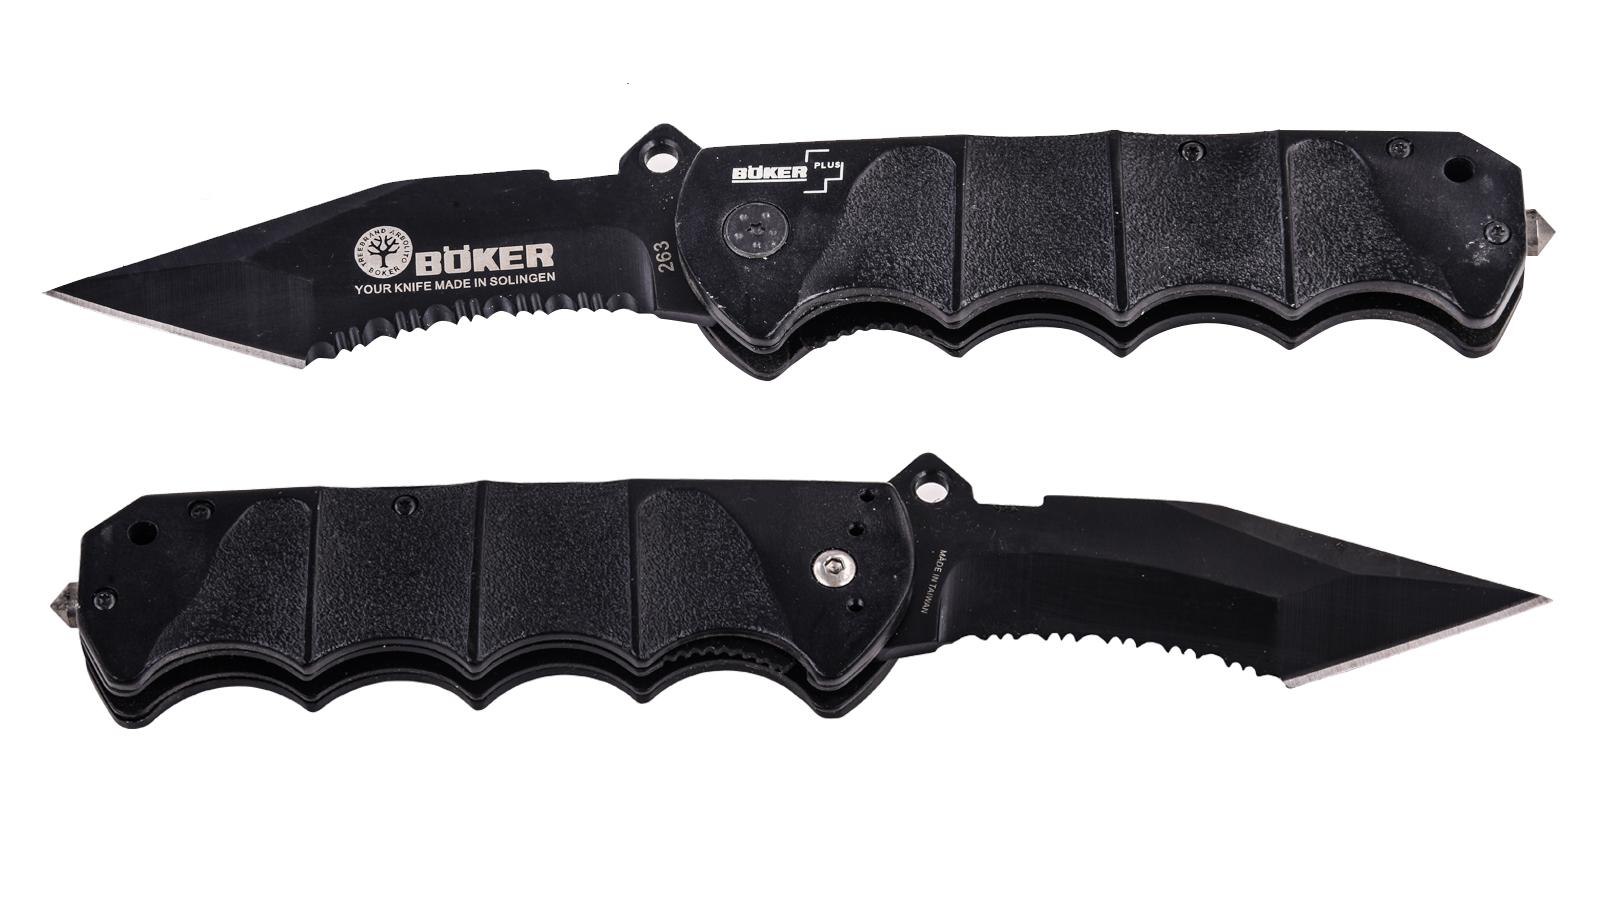 Культовый складной нож Boker Plus 263 по выгодной цене